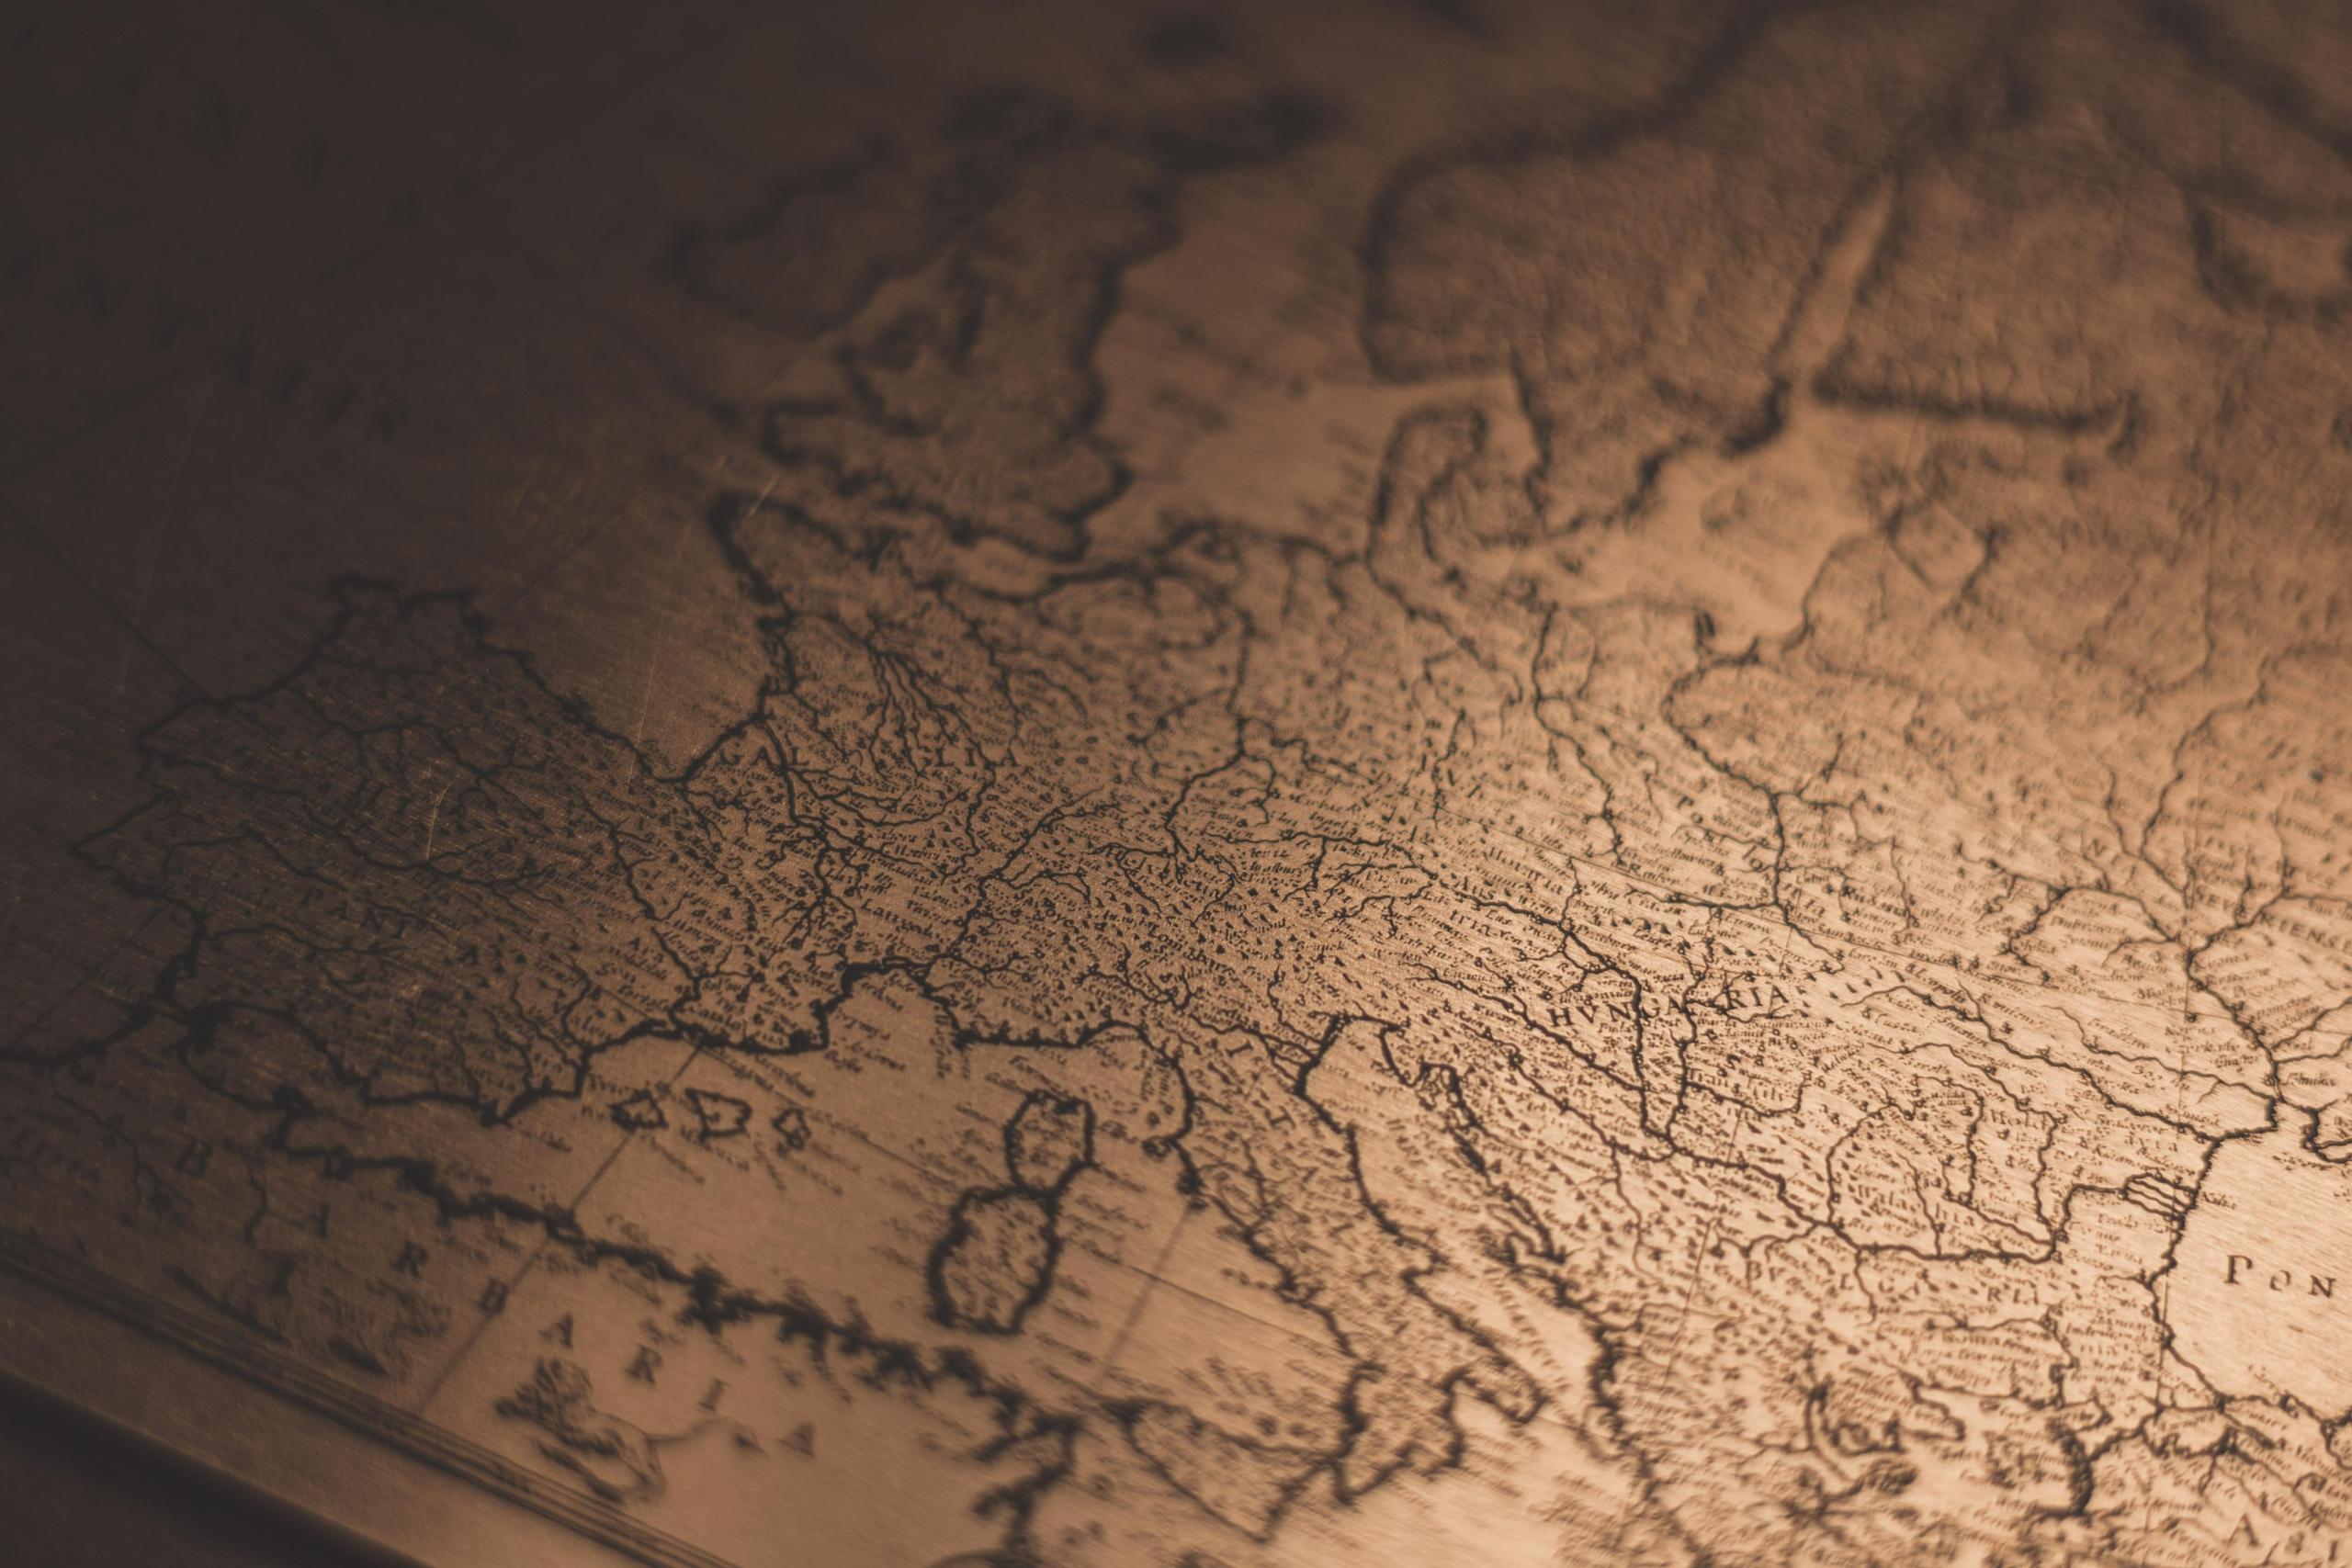 Słynne miasta i regiony Europy – czy wiesz, gdzie leżą?